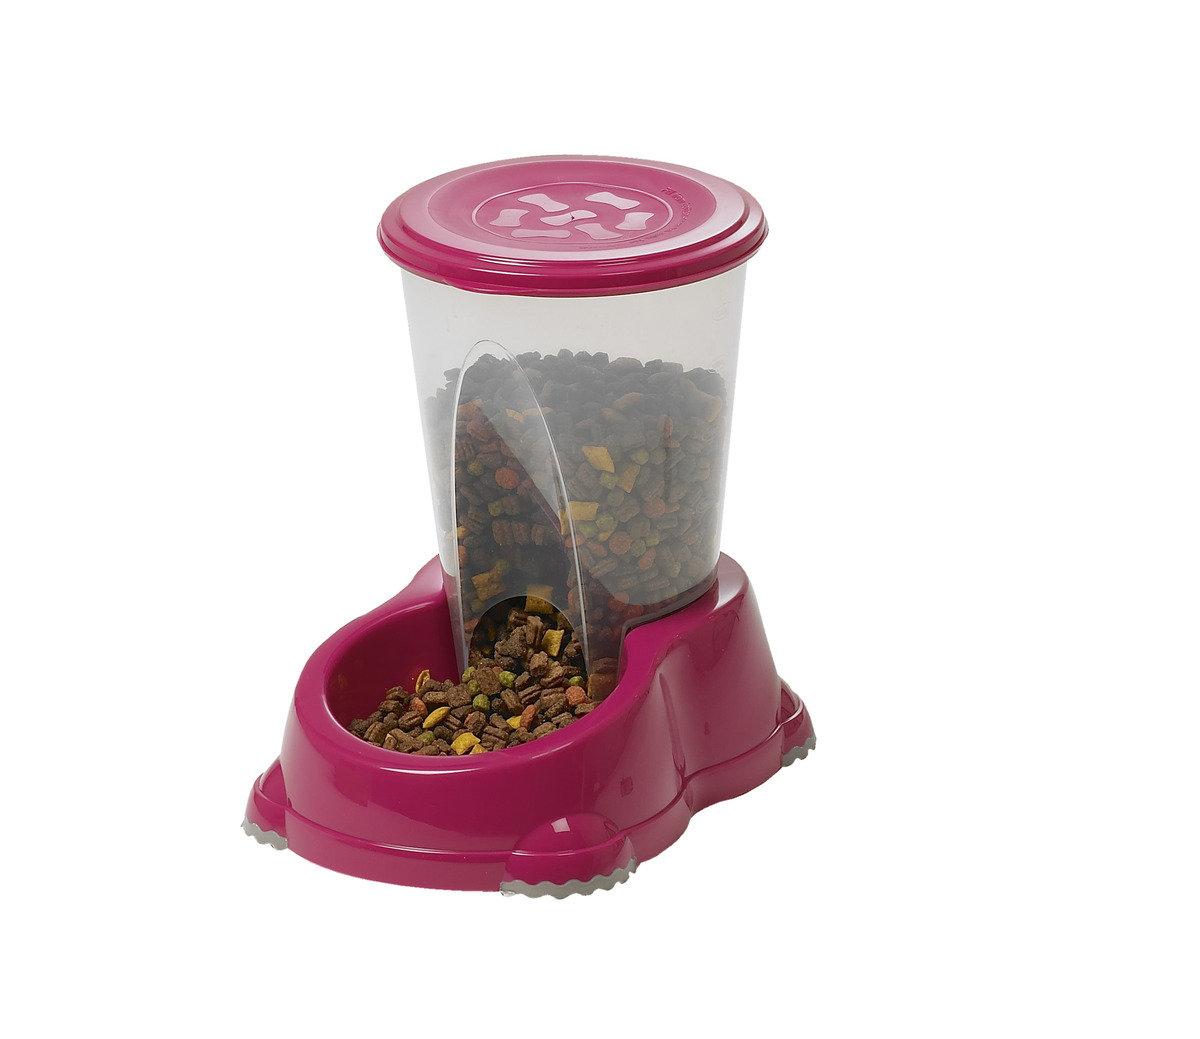 H141   座地糧食器  1.5L - 深粉紅色